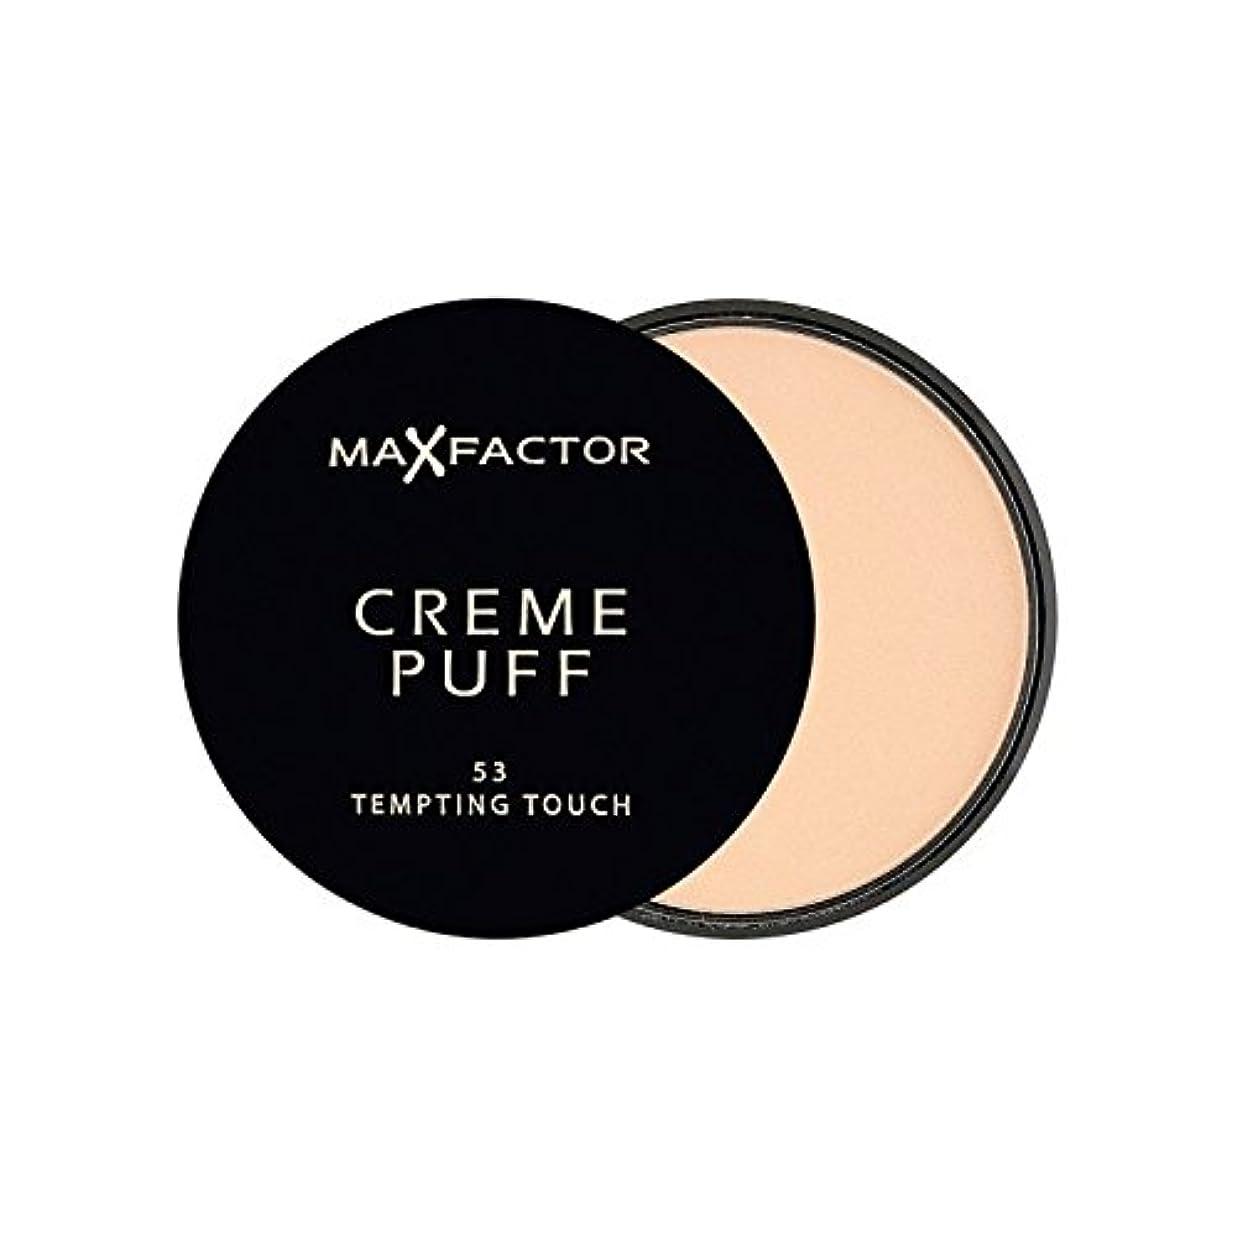 わかりやすいバケット救いMax Factor Creme Puff Powder Compact Tempting Touch 53 - マックスファクタークリームパフパウダーコンパクト魅力的なタッチ53 [並行輸入品]